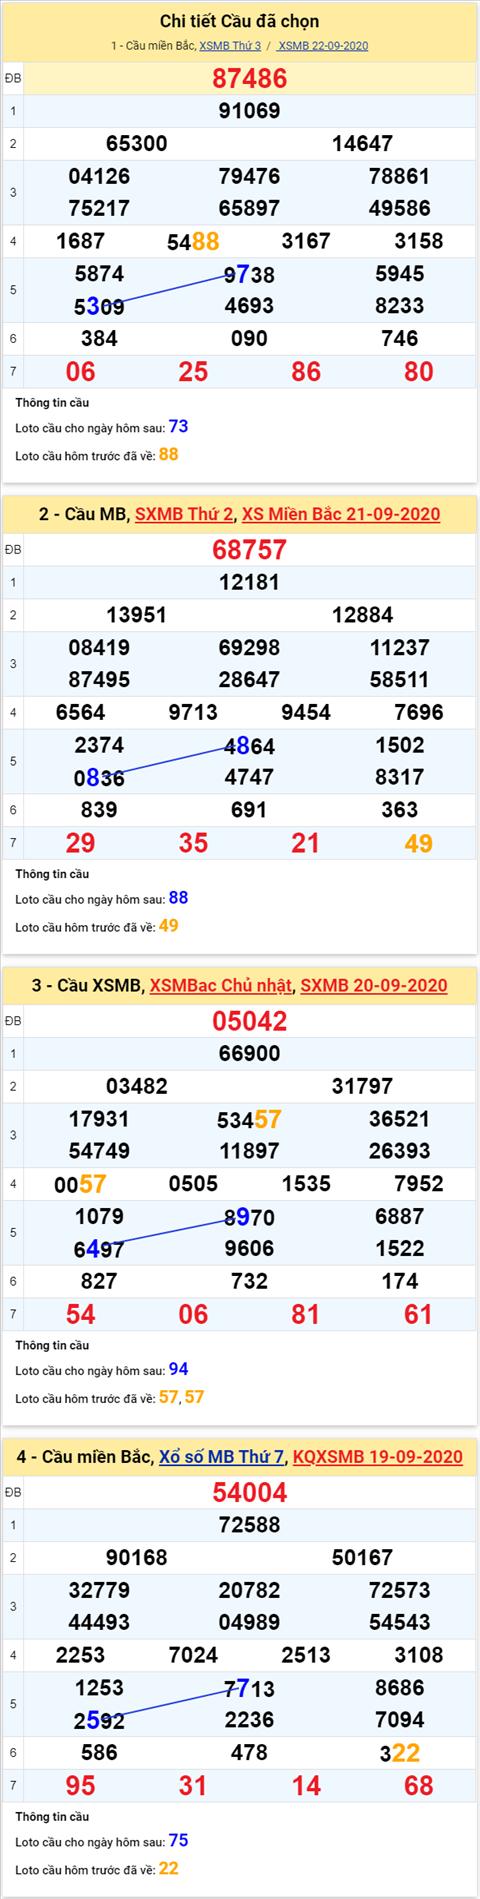 Thong ke XSMB 23092020 - Phan tich xo so Mien Bac 23-09 thu 4 hinh anh 4